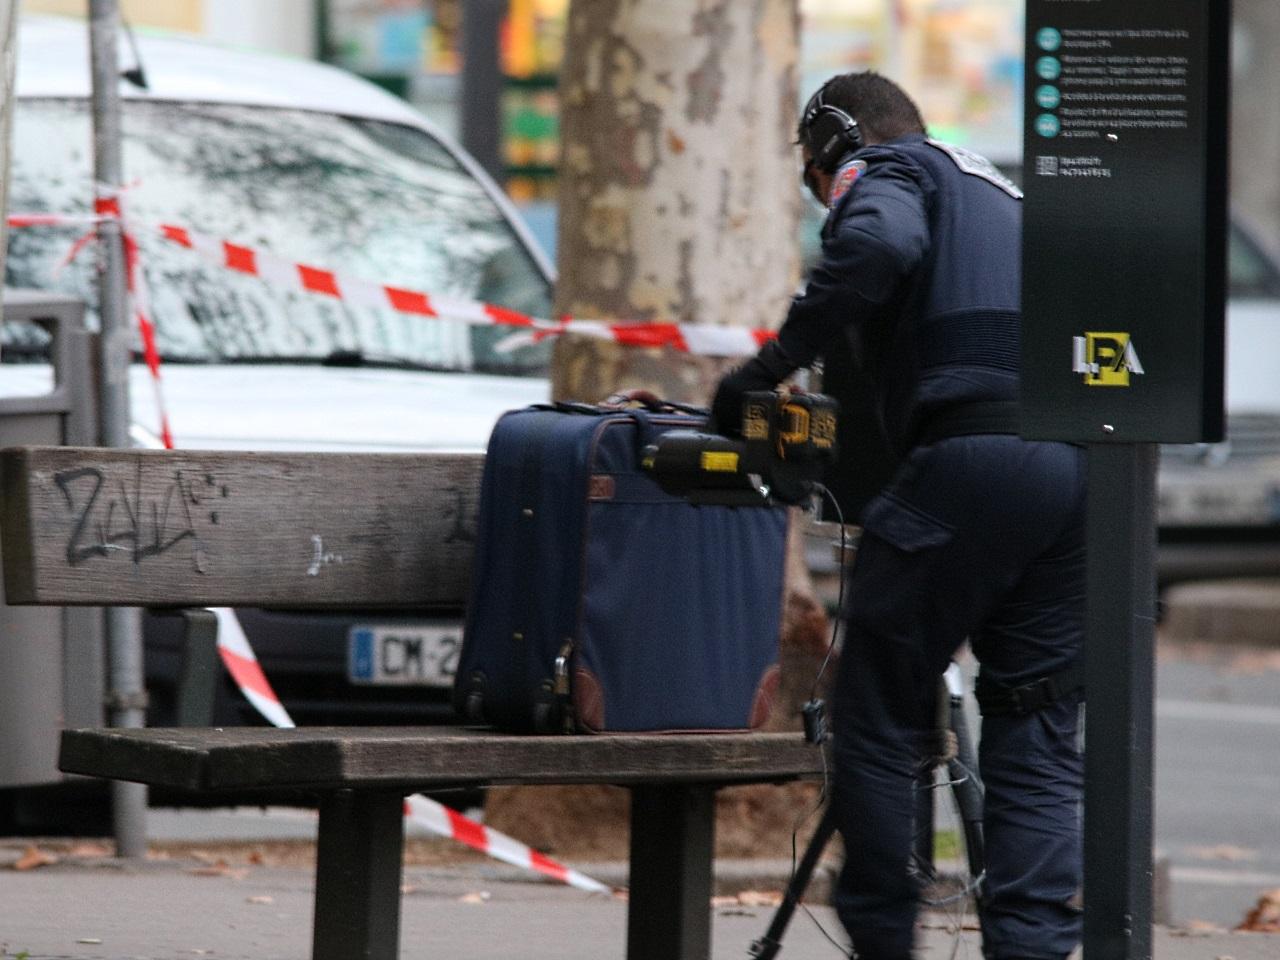 Lyon : alerte au colis suspect à la Part-Dieu